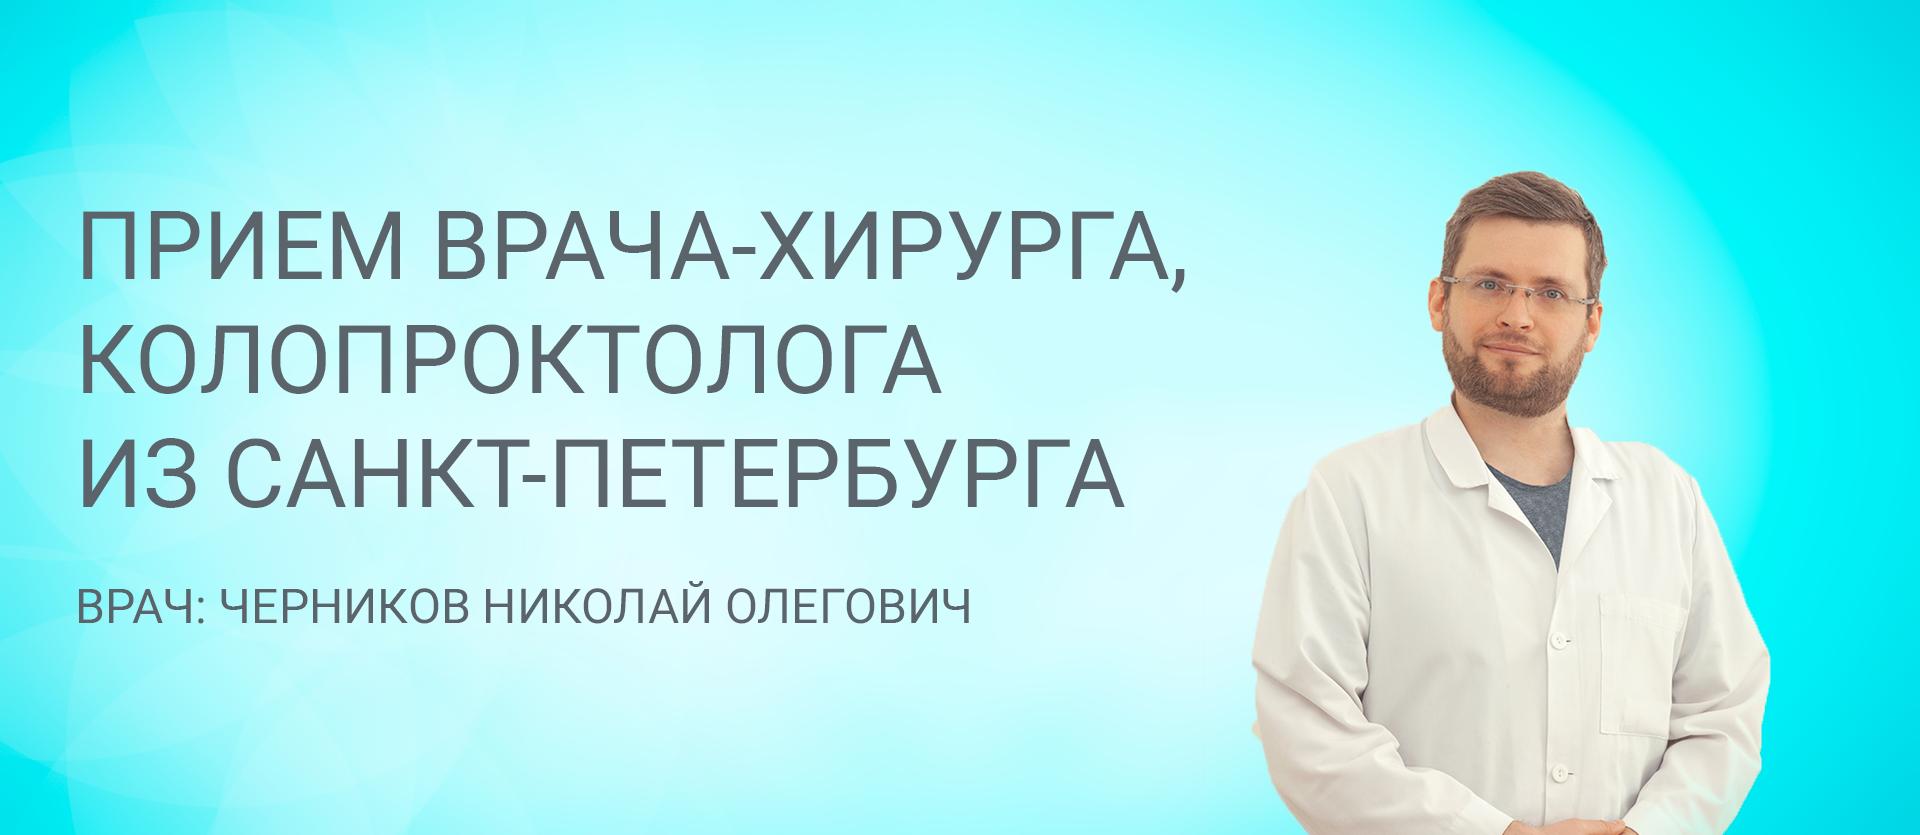 В Авиценне проведет прием врач-хирург-колопроктолог из Санкт-Петербурга